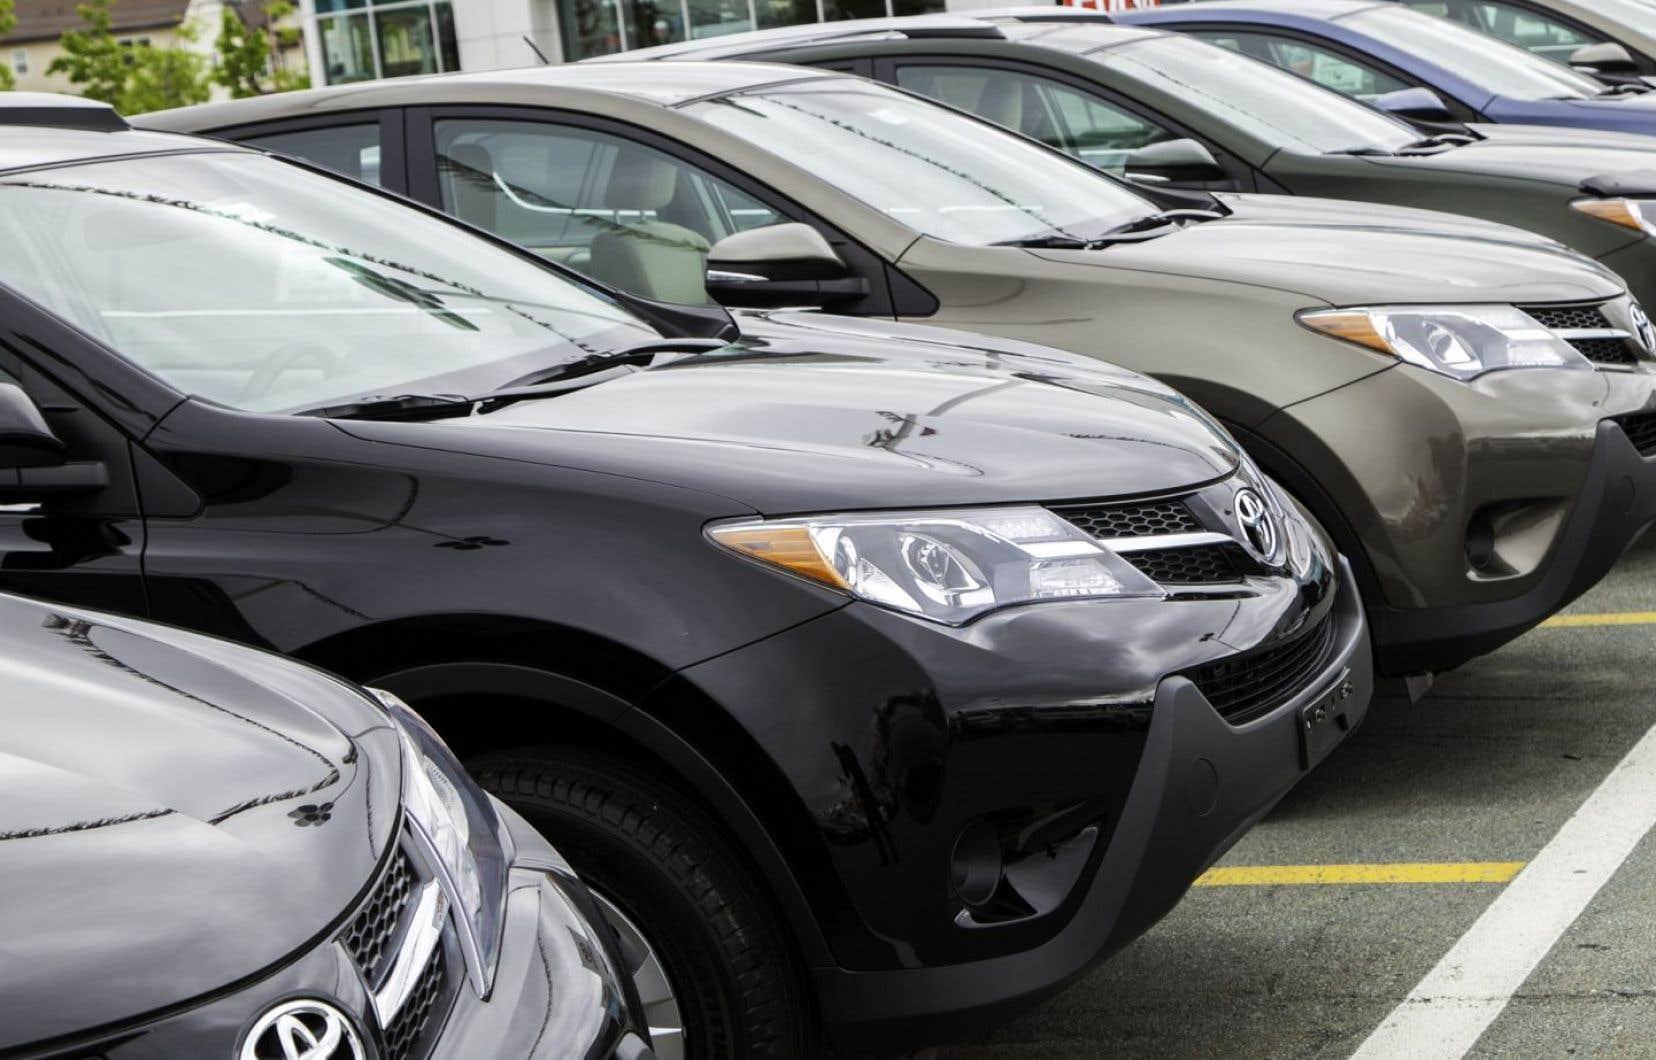 La popularité des véhicules plus énergivores est intimement liée aux faibles prix à la pompe, font valoir des experts.